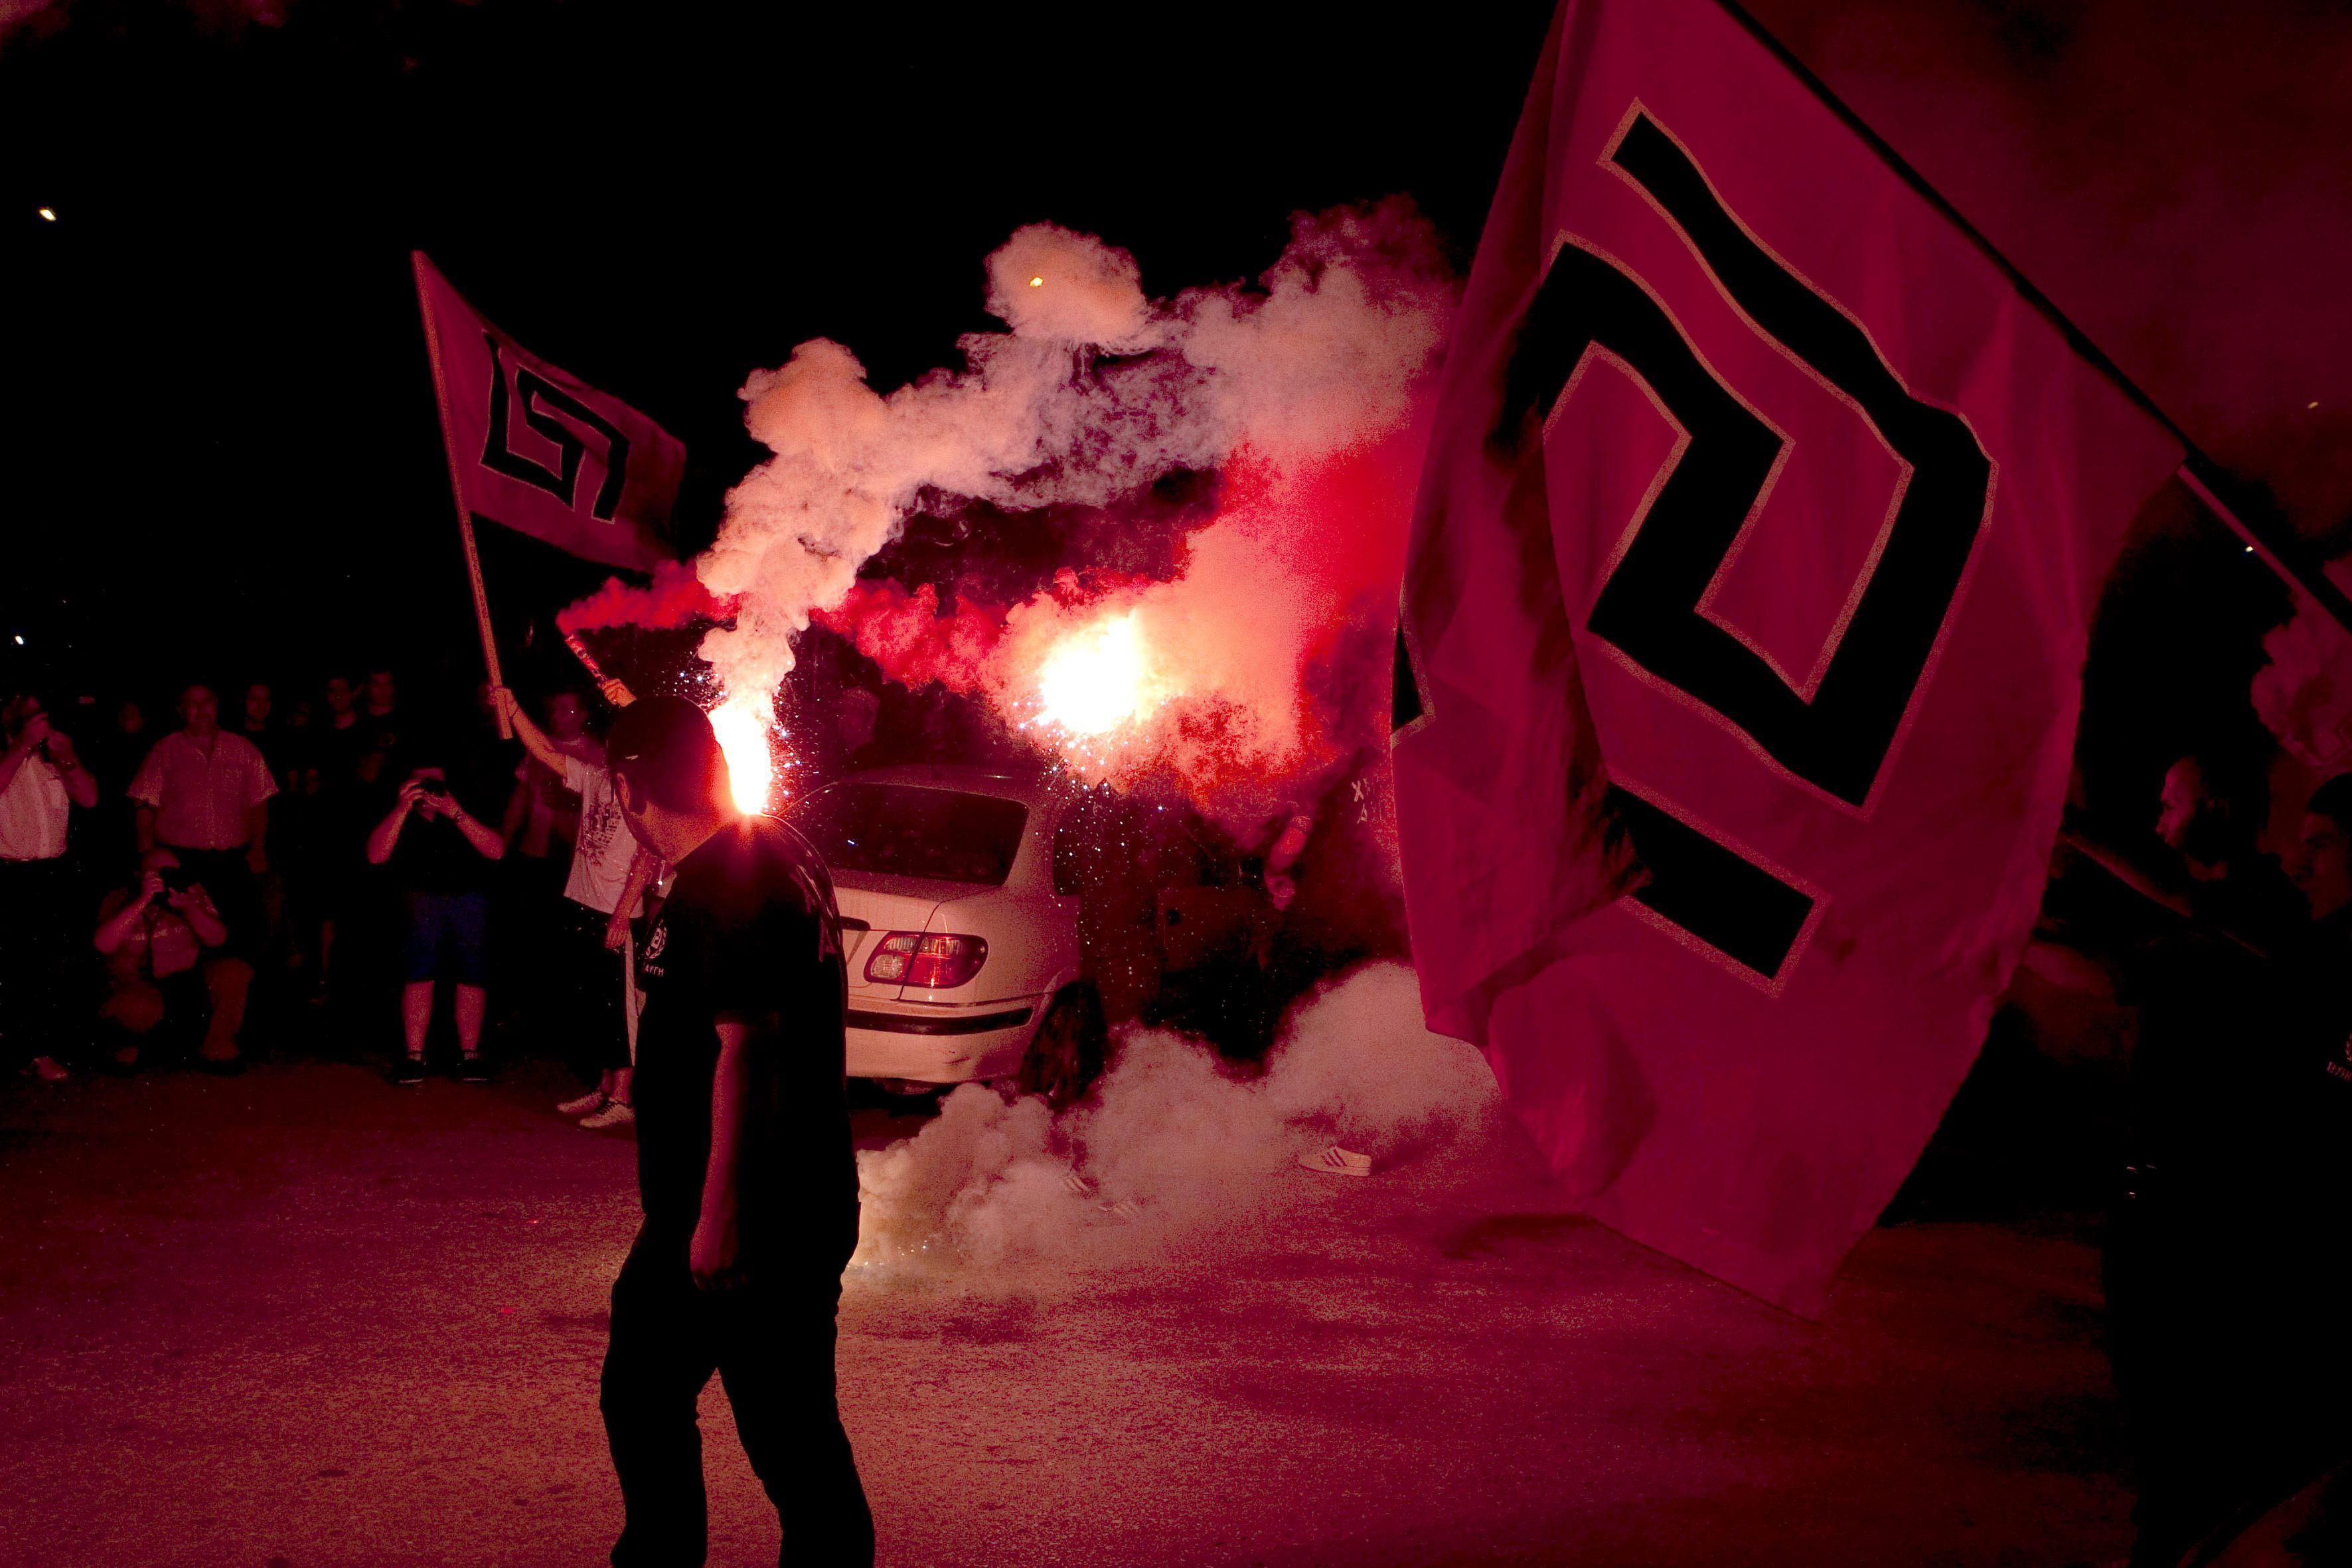 Investigan si la agresión a un joven en Valladolid fue por un grupo de neonazis